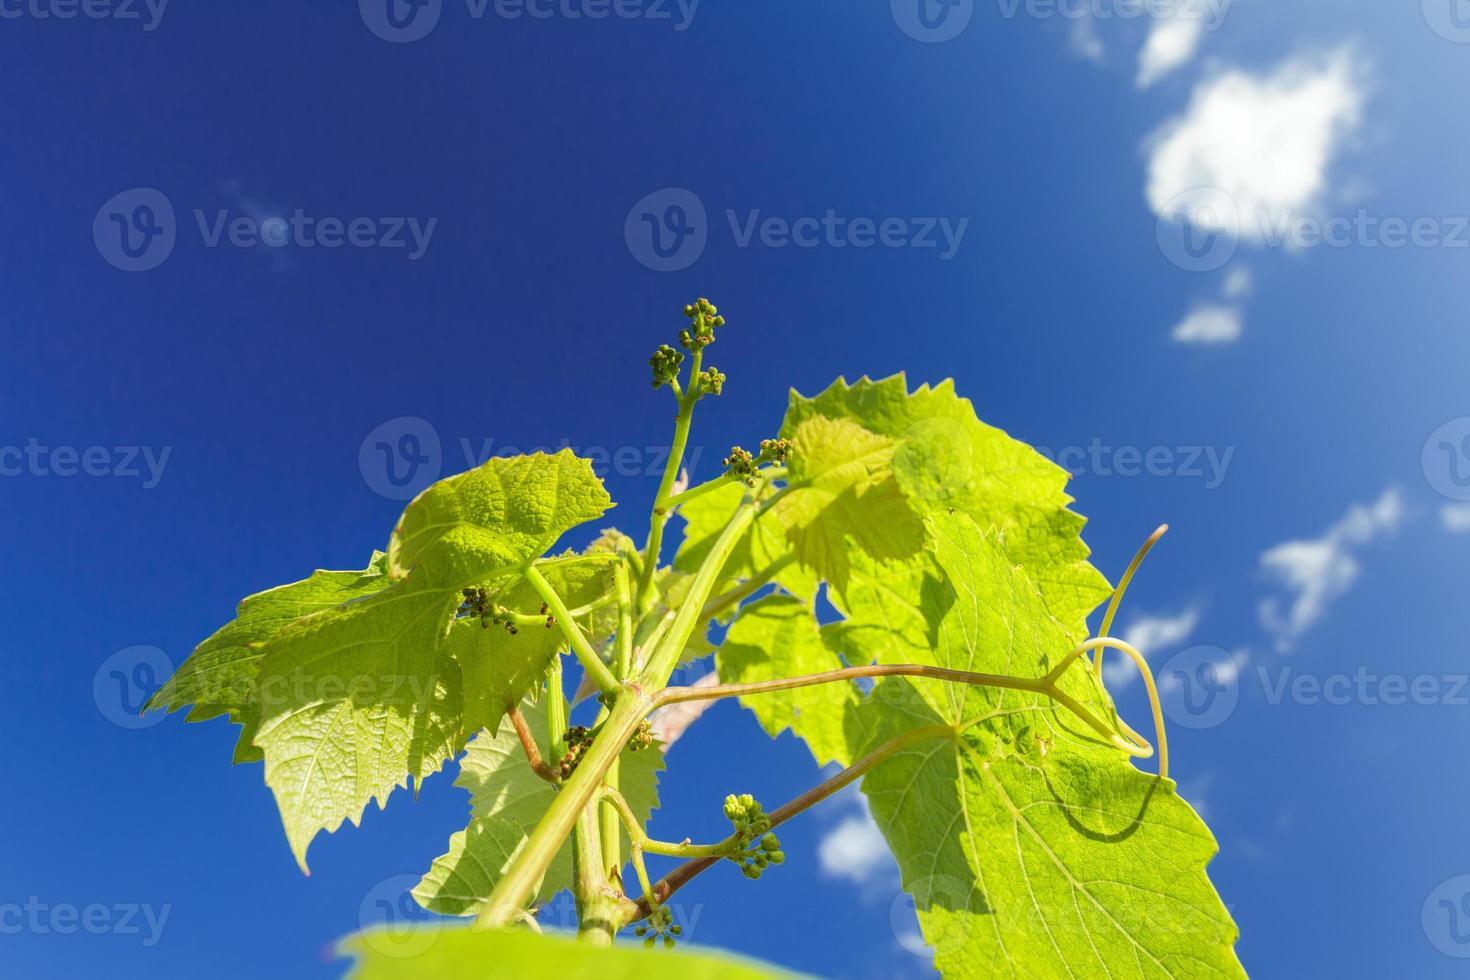 apparition de boutons floraux sur les jeunes pousses de vigne photo